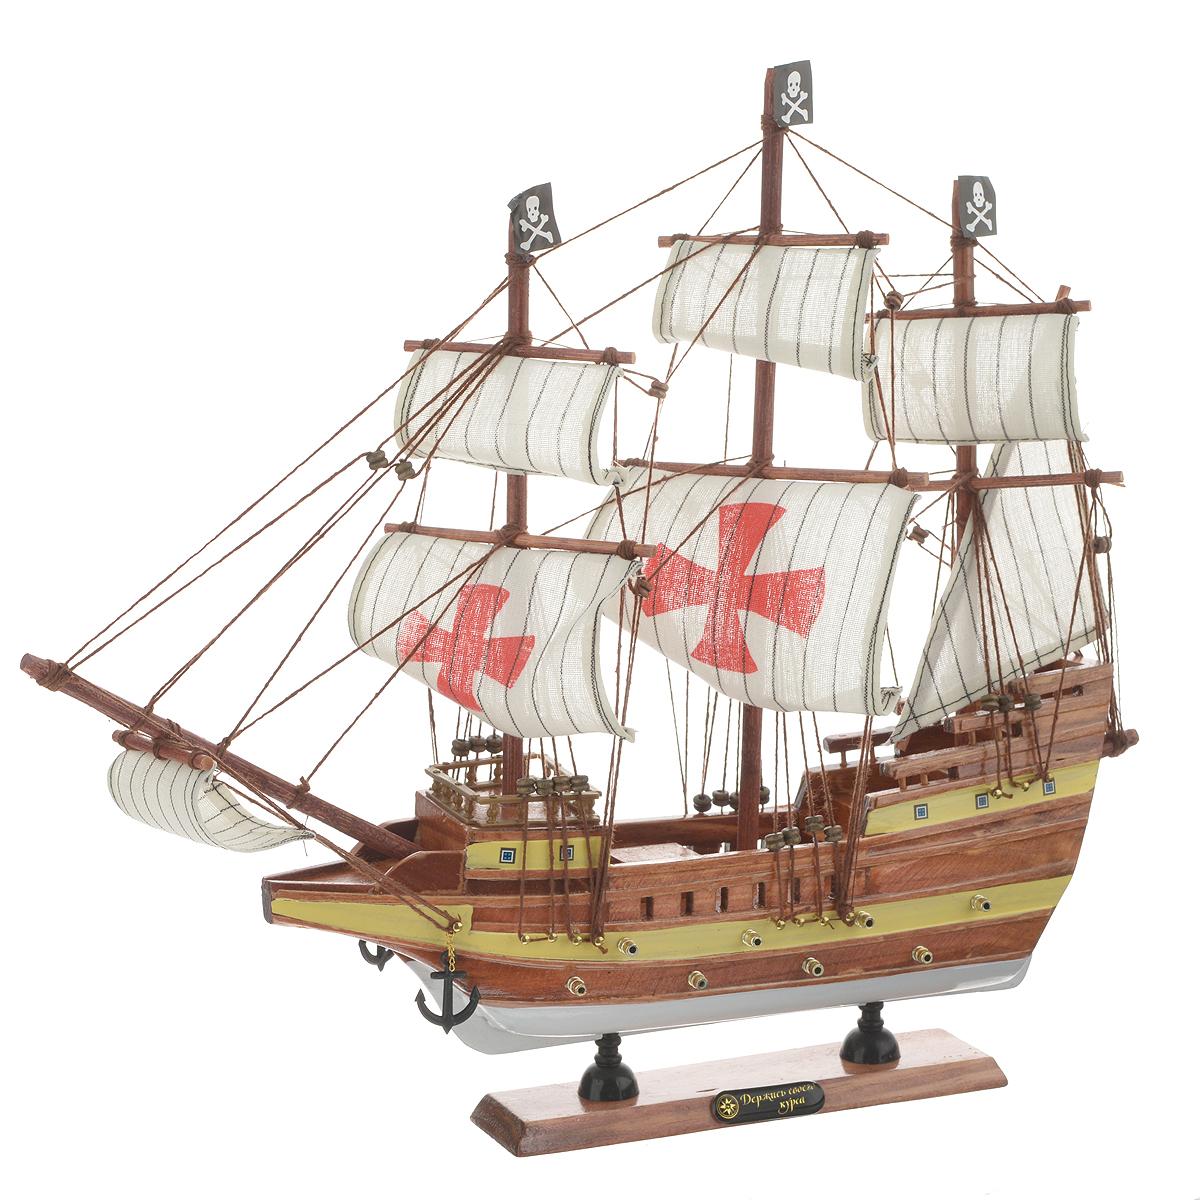 Корабль сувенирный Держись своего курса, длина 40 смa030071Сувенирный корабль Держись своего курса, изготовленный из дерева и текстиля, это великолепный элемент декора рабочей зоны в офисе или кабинете. Корабль с парусами и якорями помещен на деревянную подставку. Время идет, и мы становимся свидетелями развития технического прогресса, новых учений и практик. Но одно не подвластно времени - это любовь человека к морю и кораблям. Сувенирный корабль наполнен историей и силой океанских вод. Данная модель кораблика станет отличным подарком для всех любителей морей, поклонников историй о покорении океанов и неизведанных земель. Модель корабля - подарок со смыслом. Издавна на Руси считалось, что корабли приносят удачу и везение. Поэтому их изображения, фигурки и точные копии всегда присутствовали в помещениях. Удивите себя и своих близких необычным презентом.